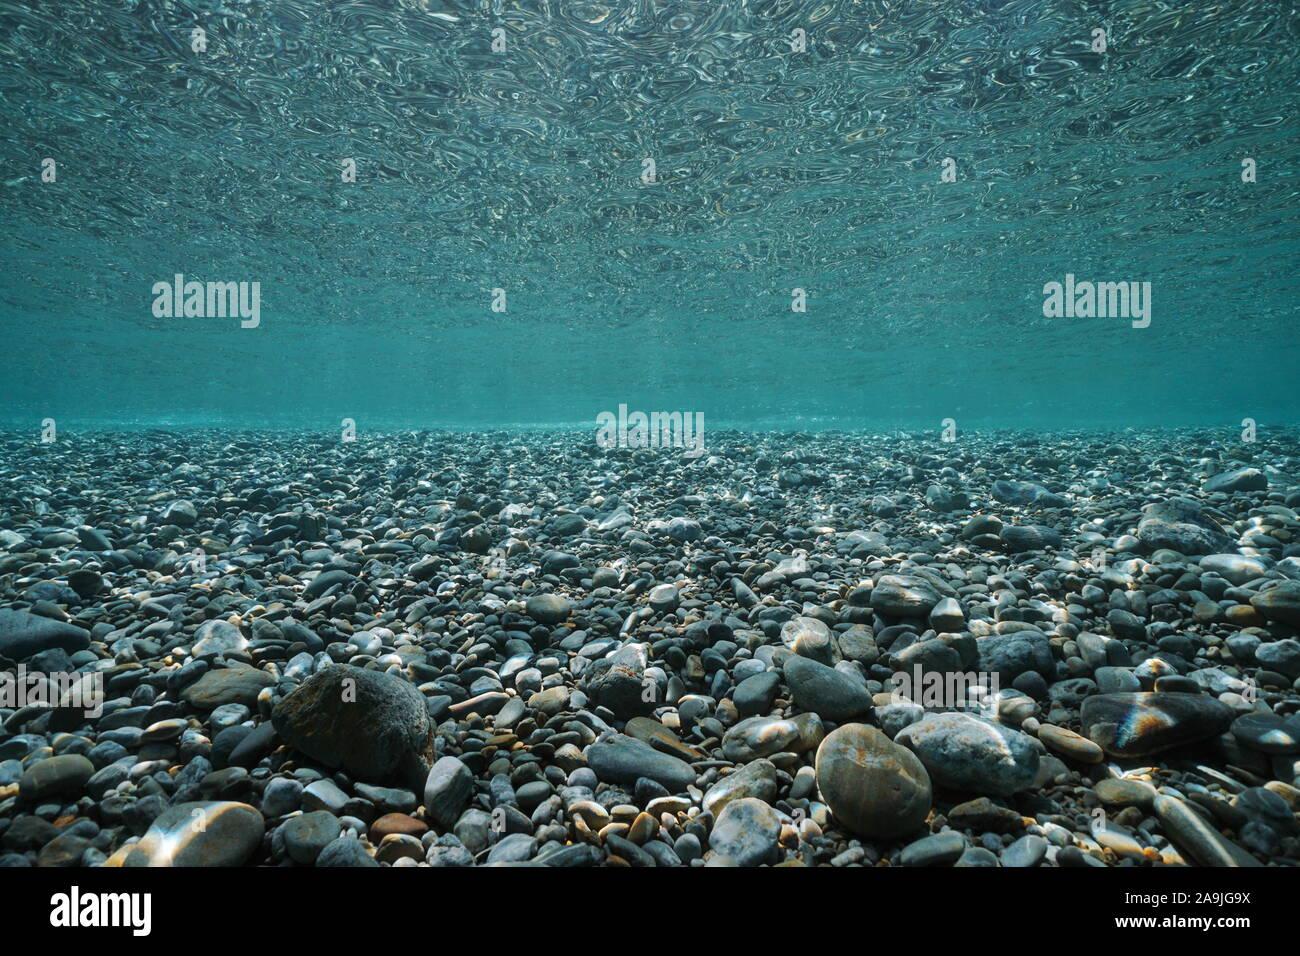 Los guijarros de rocas debajo de la superficie del mar submarino en aguas poco profundas, escenario natural, Mediterráneo, Francia Foto de stock